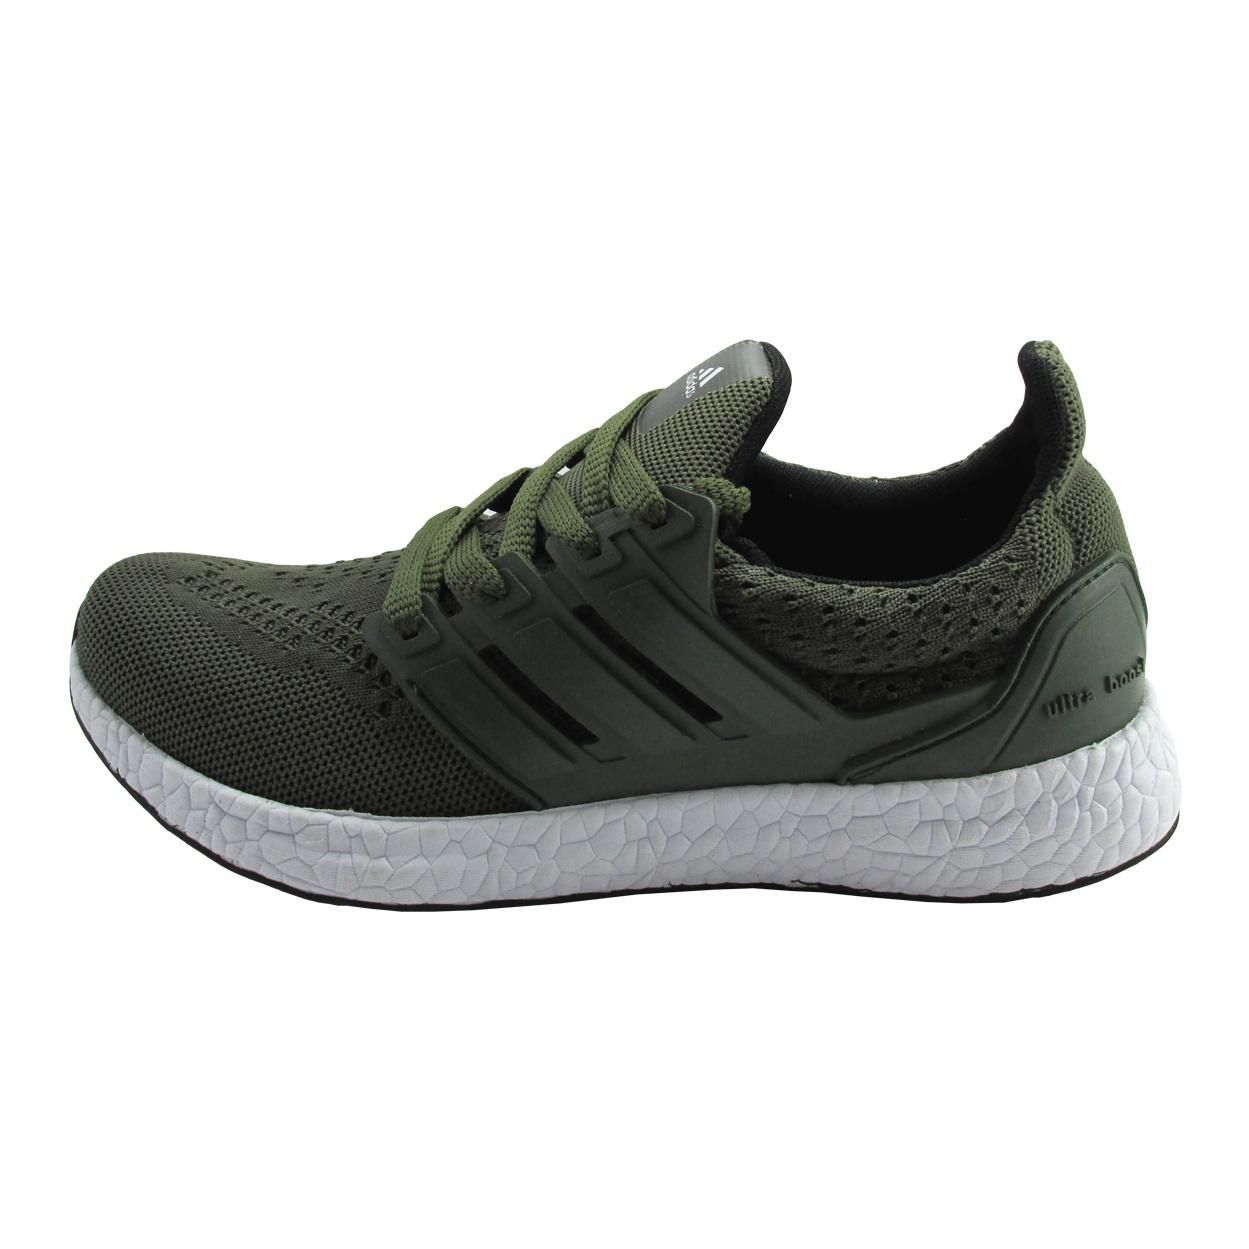 کفش پیاده روی زنانه مدل B23 رنگ سبز